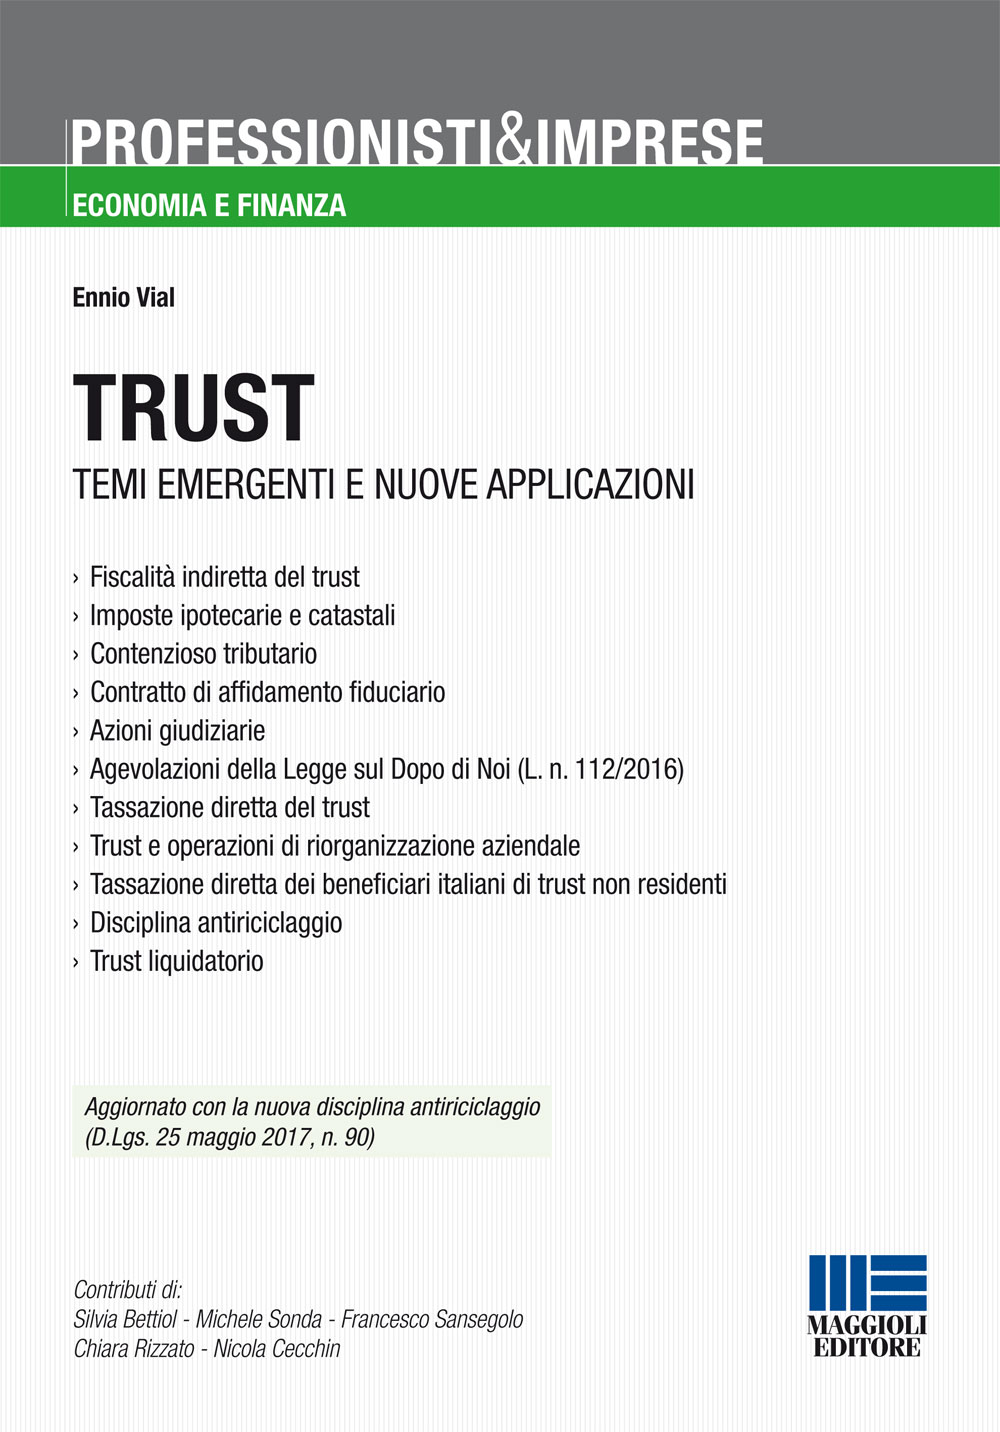 Trust temi emergenti e nuove applicazioni